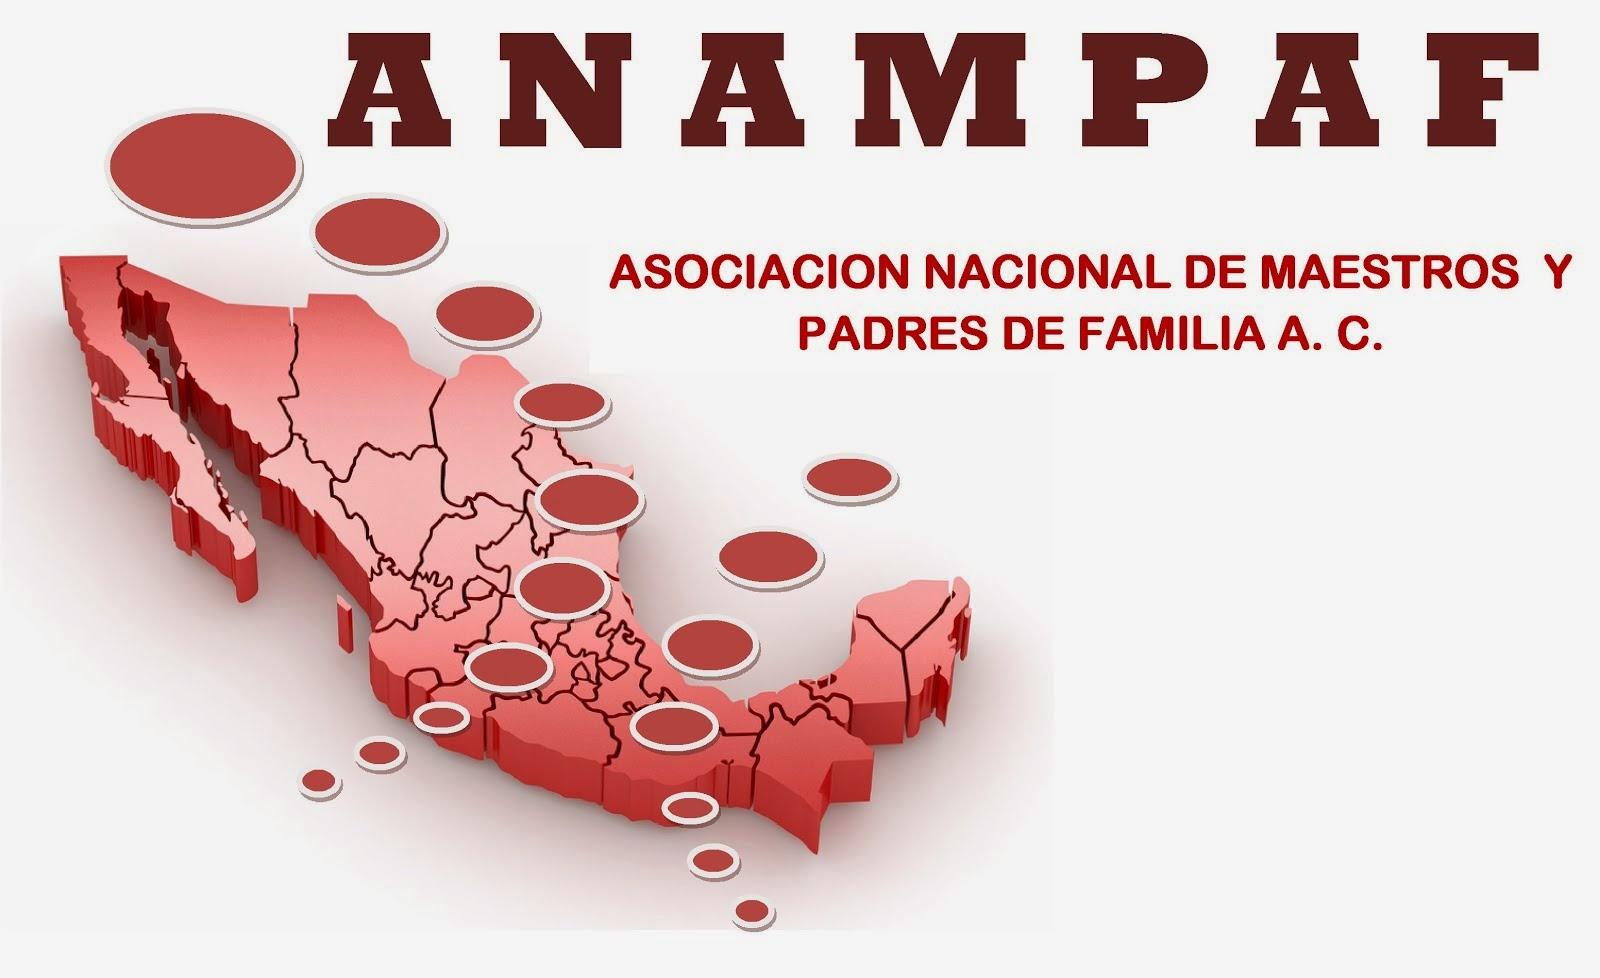 ASOCIACION NACIONAL DE MAESTROS Y PADRES DE FAMILIA